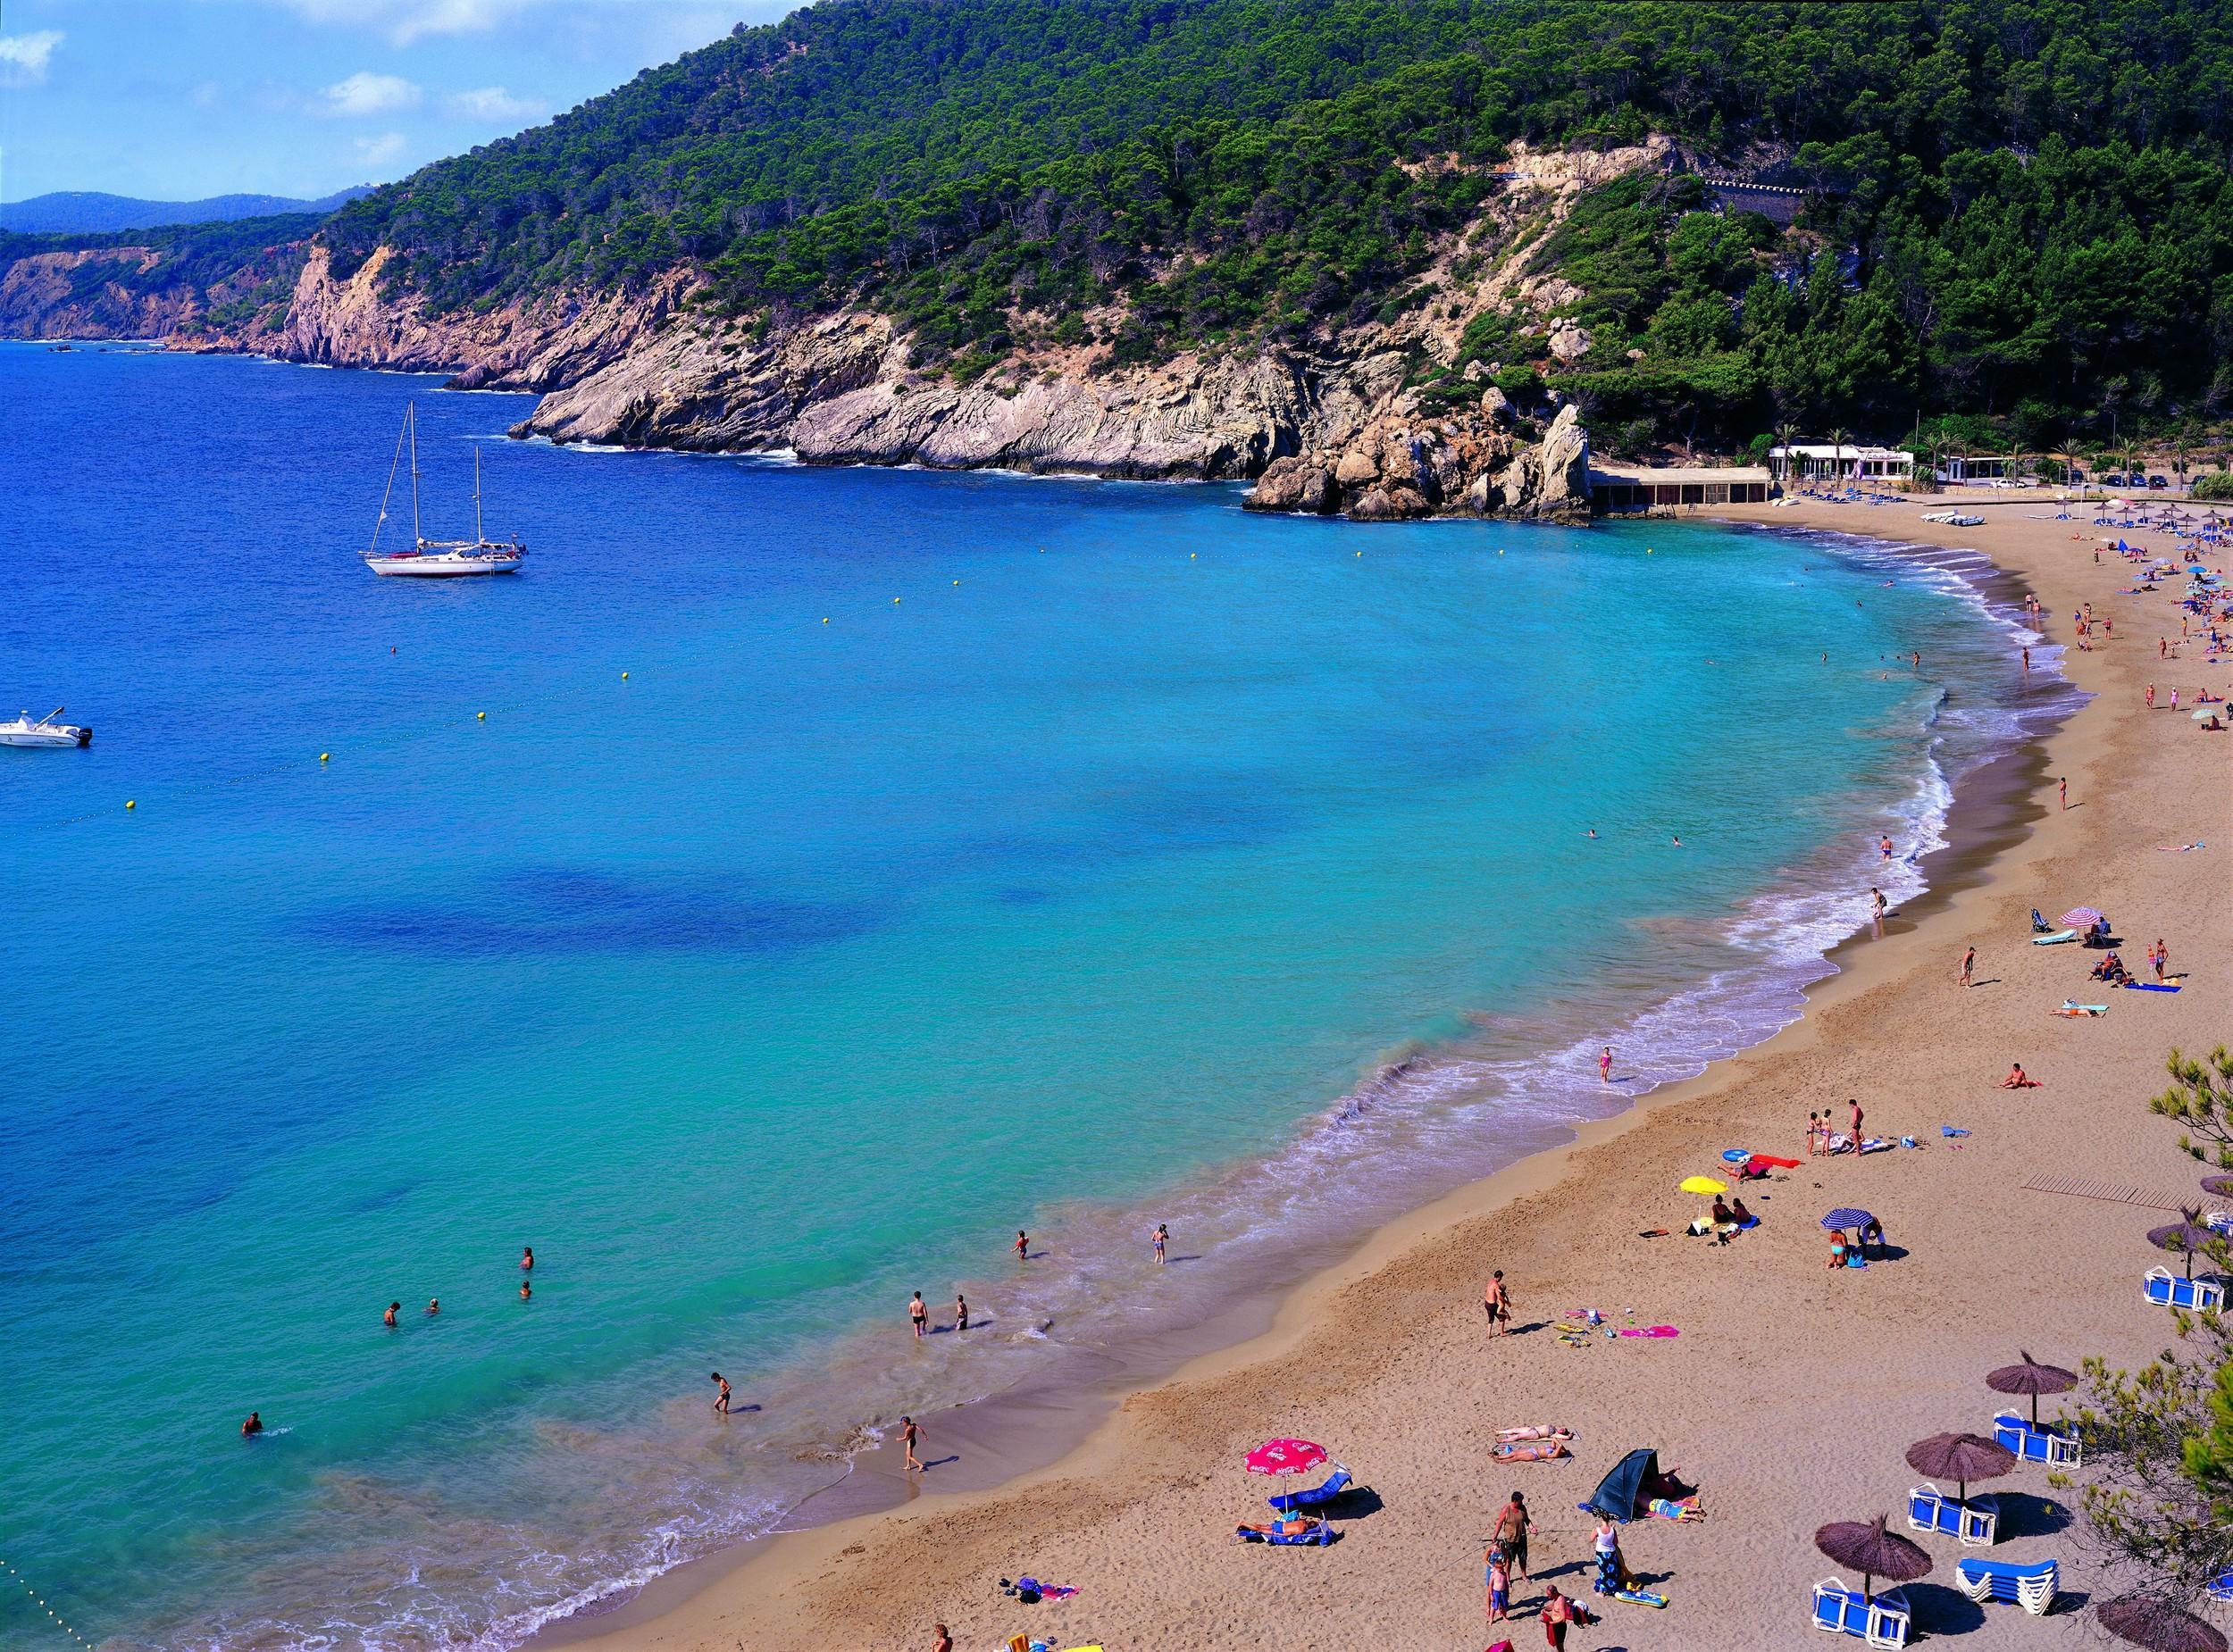 Hele Spanien og Italien samt blandt andet seks franske regioner plus portugisiske Madeira bliver atter grønne i de nye danske rejsevejledninger. Arkivfoto fra Ibiza: Jaume Capellà for AETIB (Agencia de Turismo de Baleares)